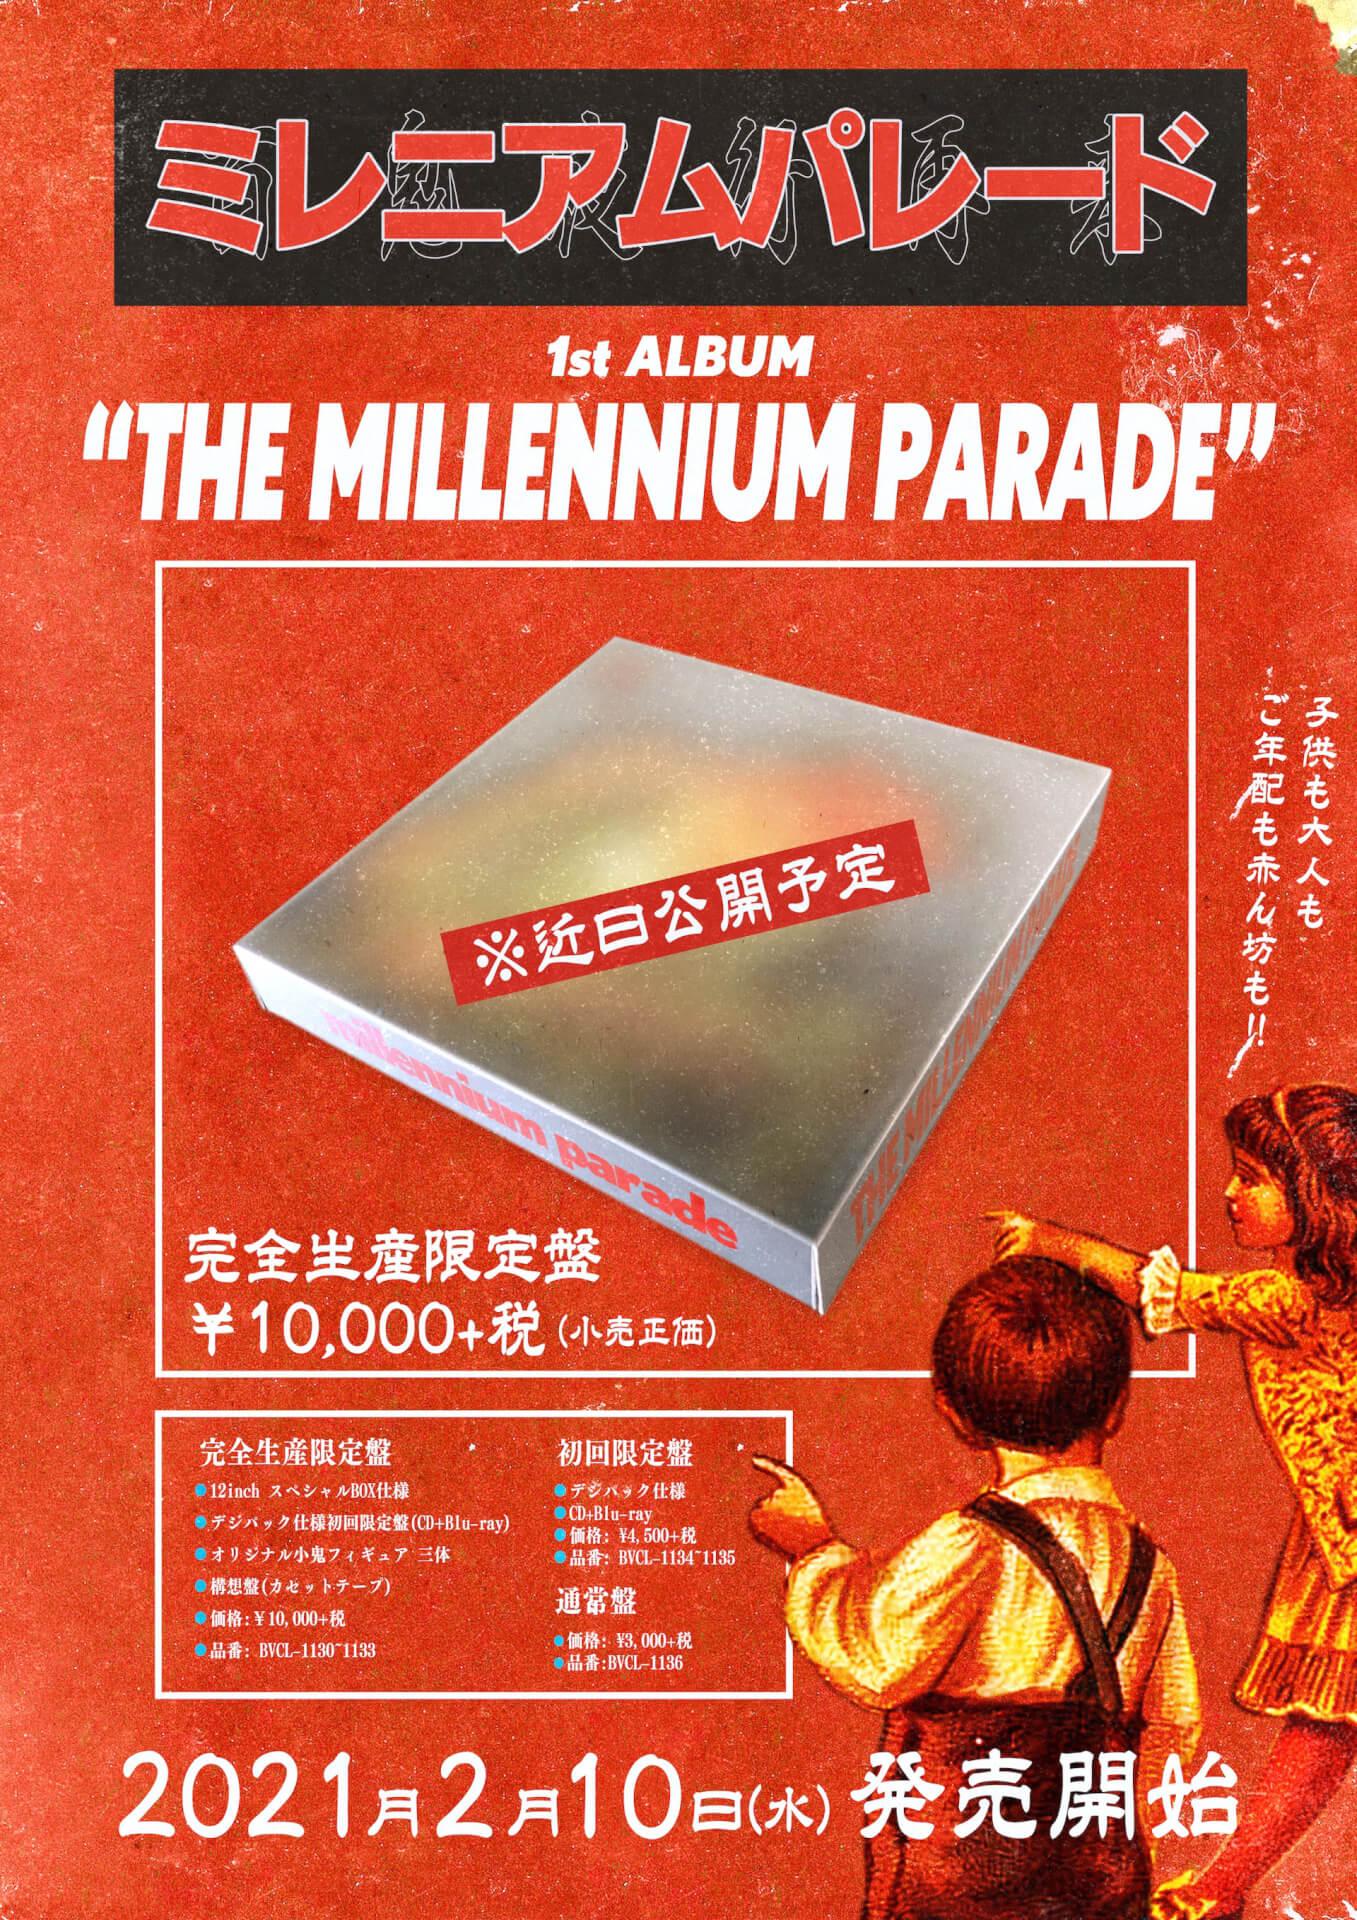 """常田大希率いるmillennium paradeが密着ドキュメンタリーで地上波初パフォーマンス披露!NHK『2030 未来への分岐点』のテーマ音楽""""2992""""も明日先行配信開始 music210107_millenniumparade_1"""